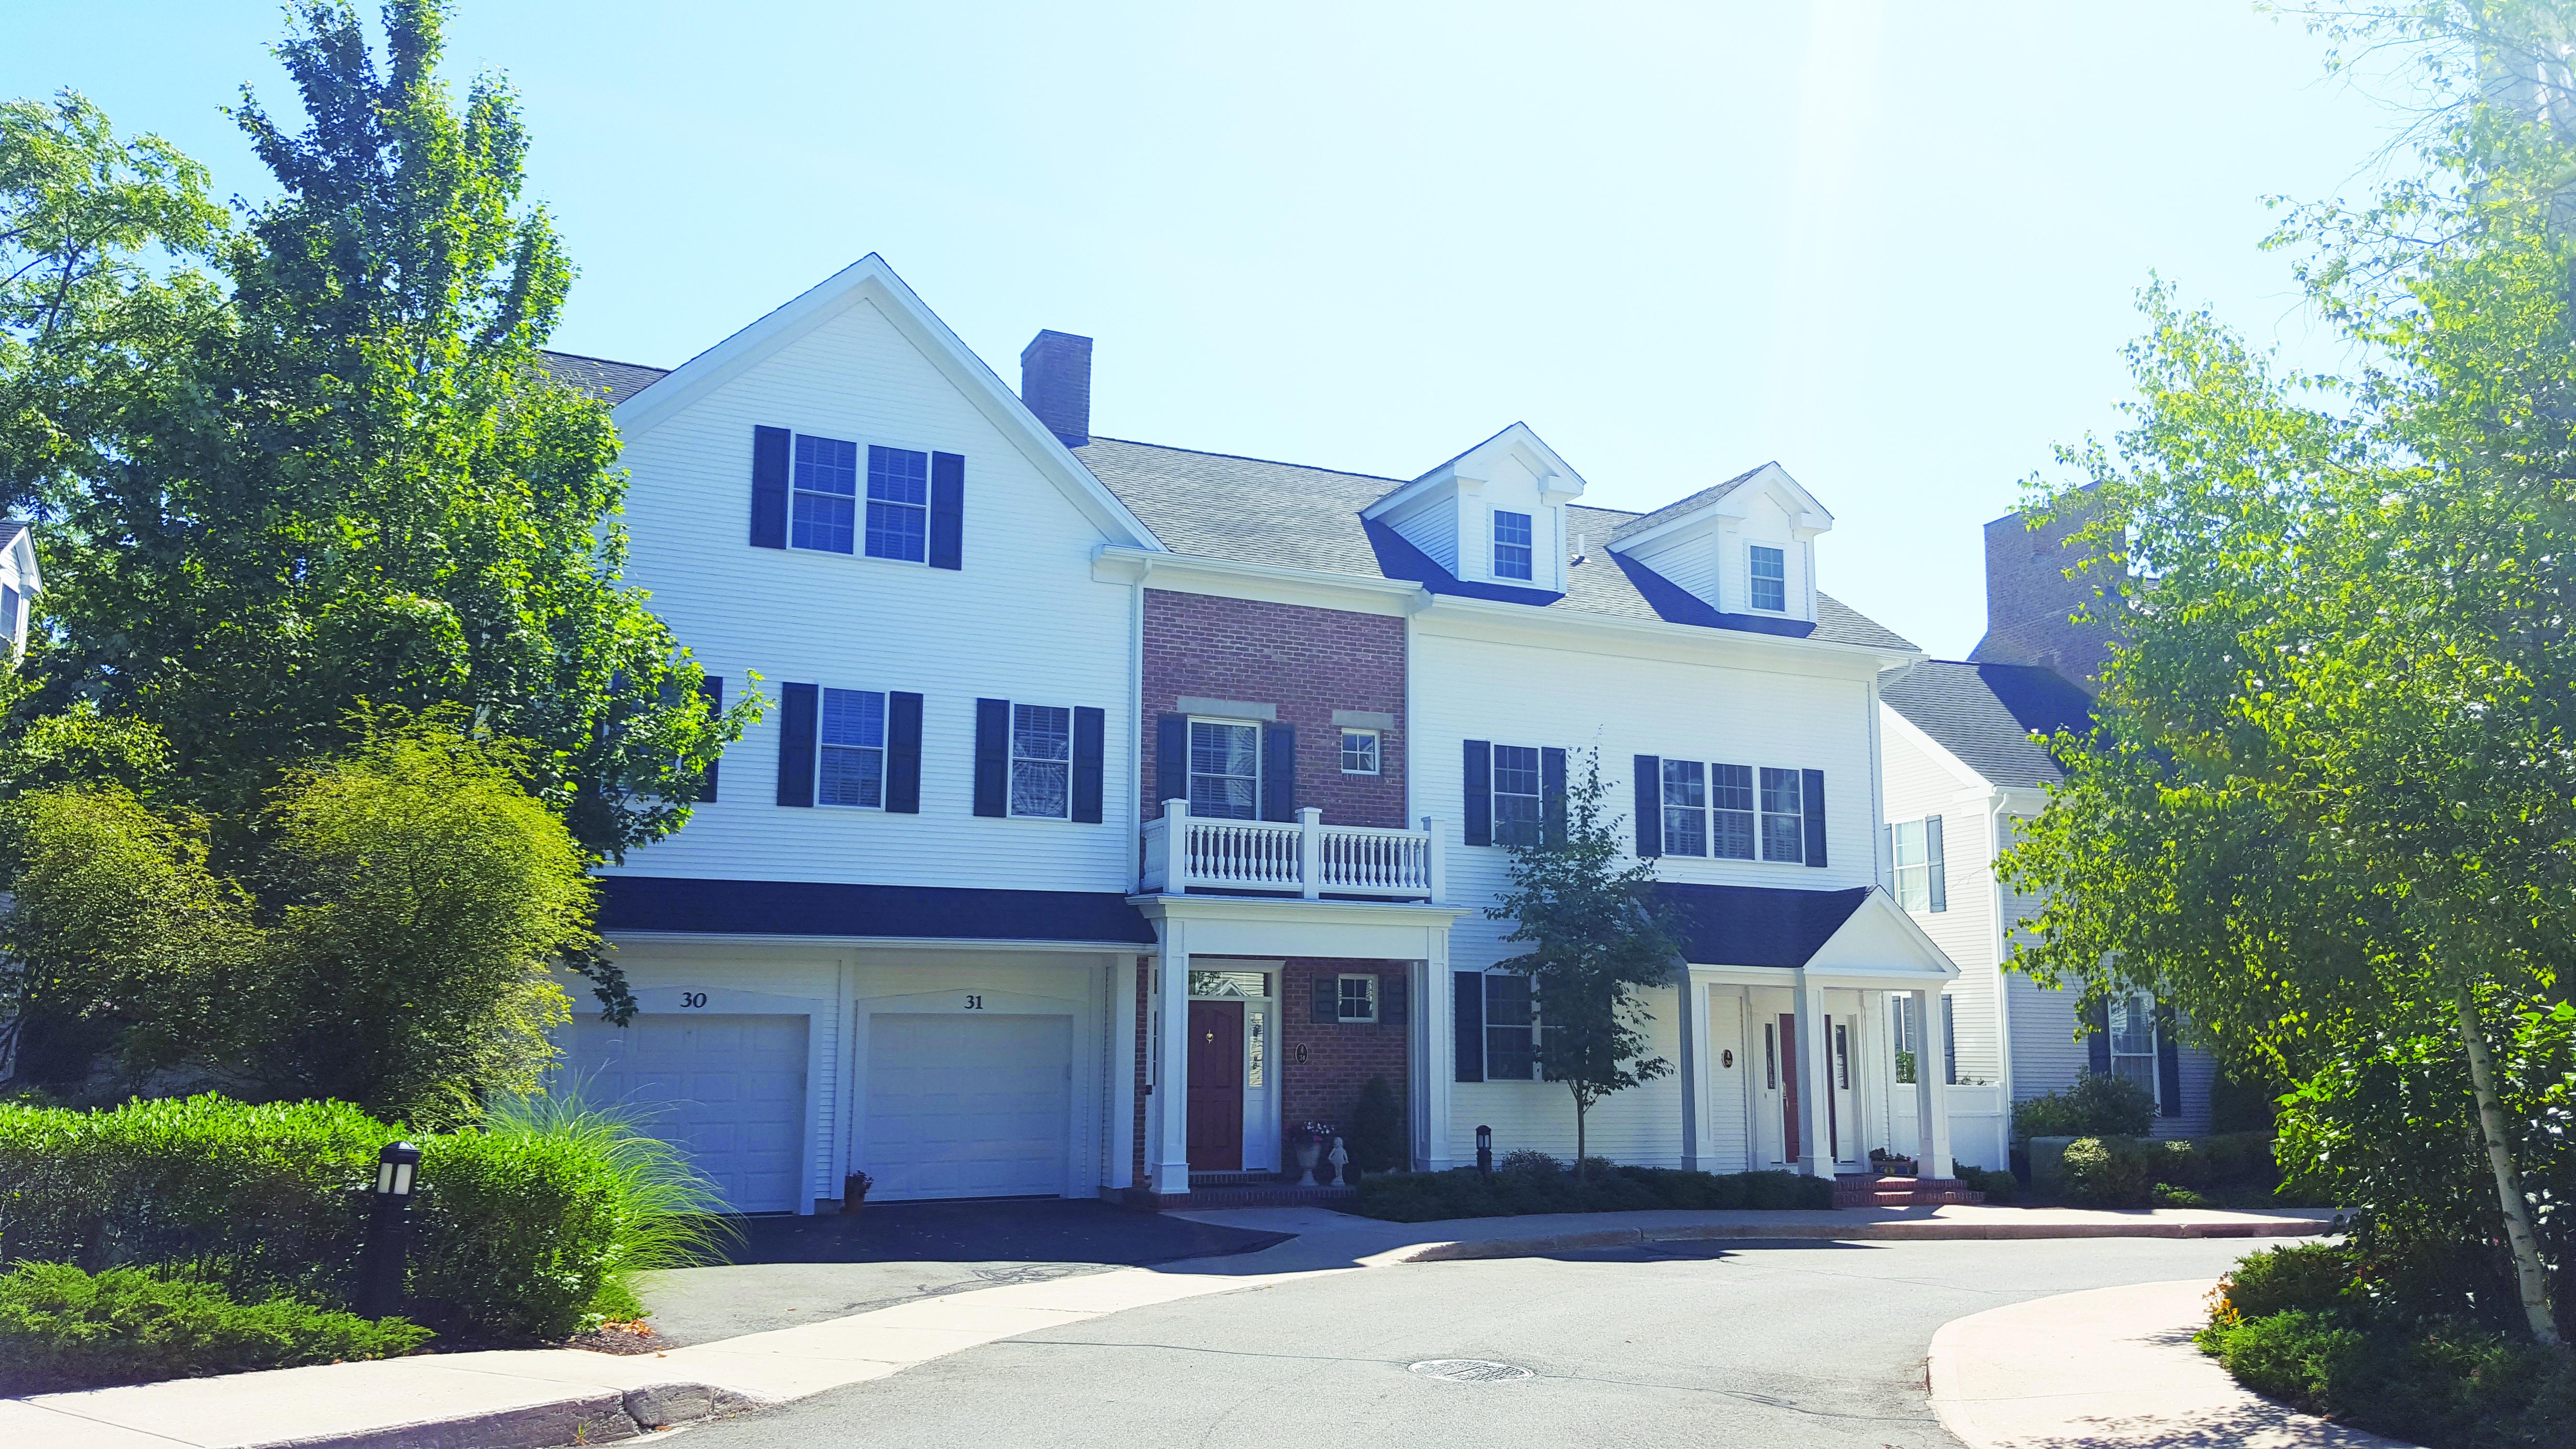 Eigentumswohnung für Verkauf beim 30 Evarts Ln 30 Evarts Ln 30 Madison, Connecticut, 06443 Vereinigte Staaten